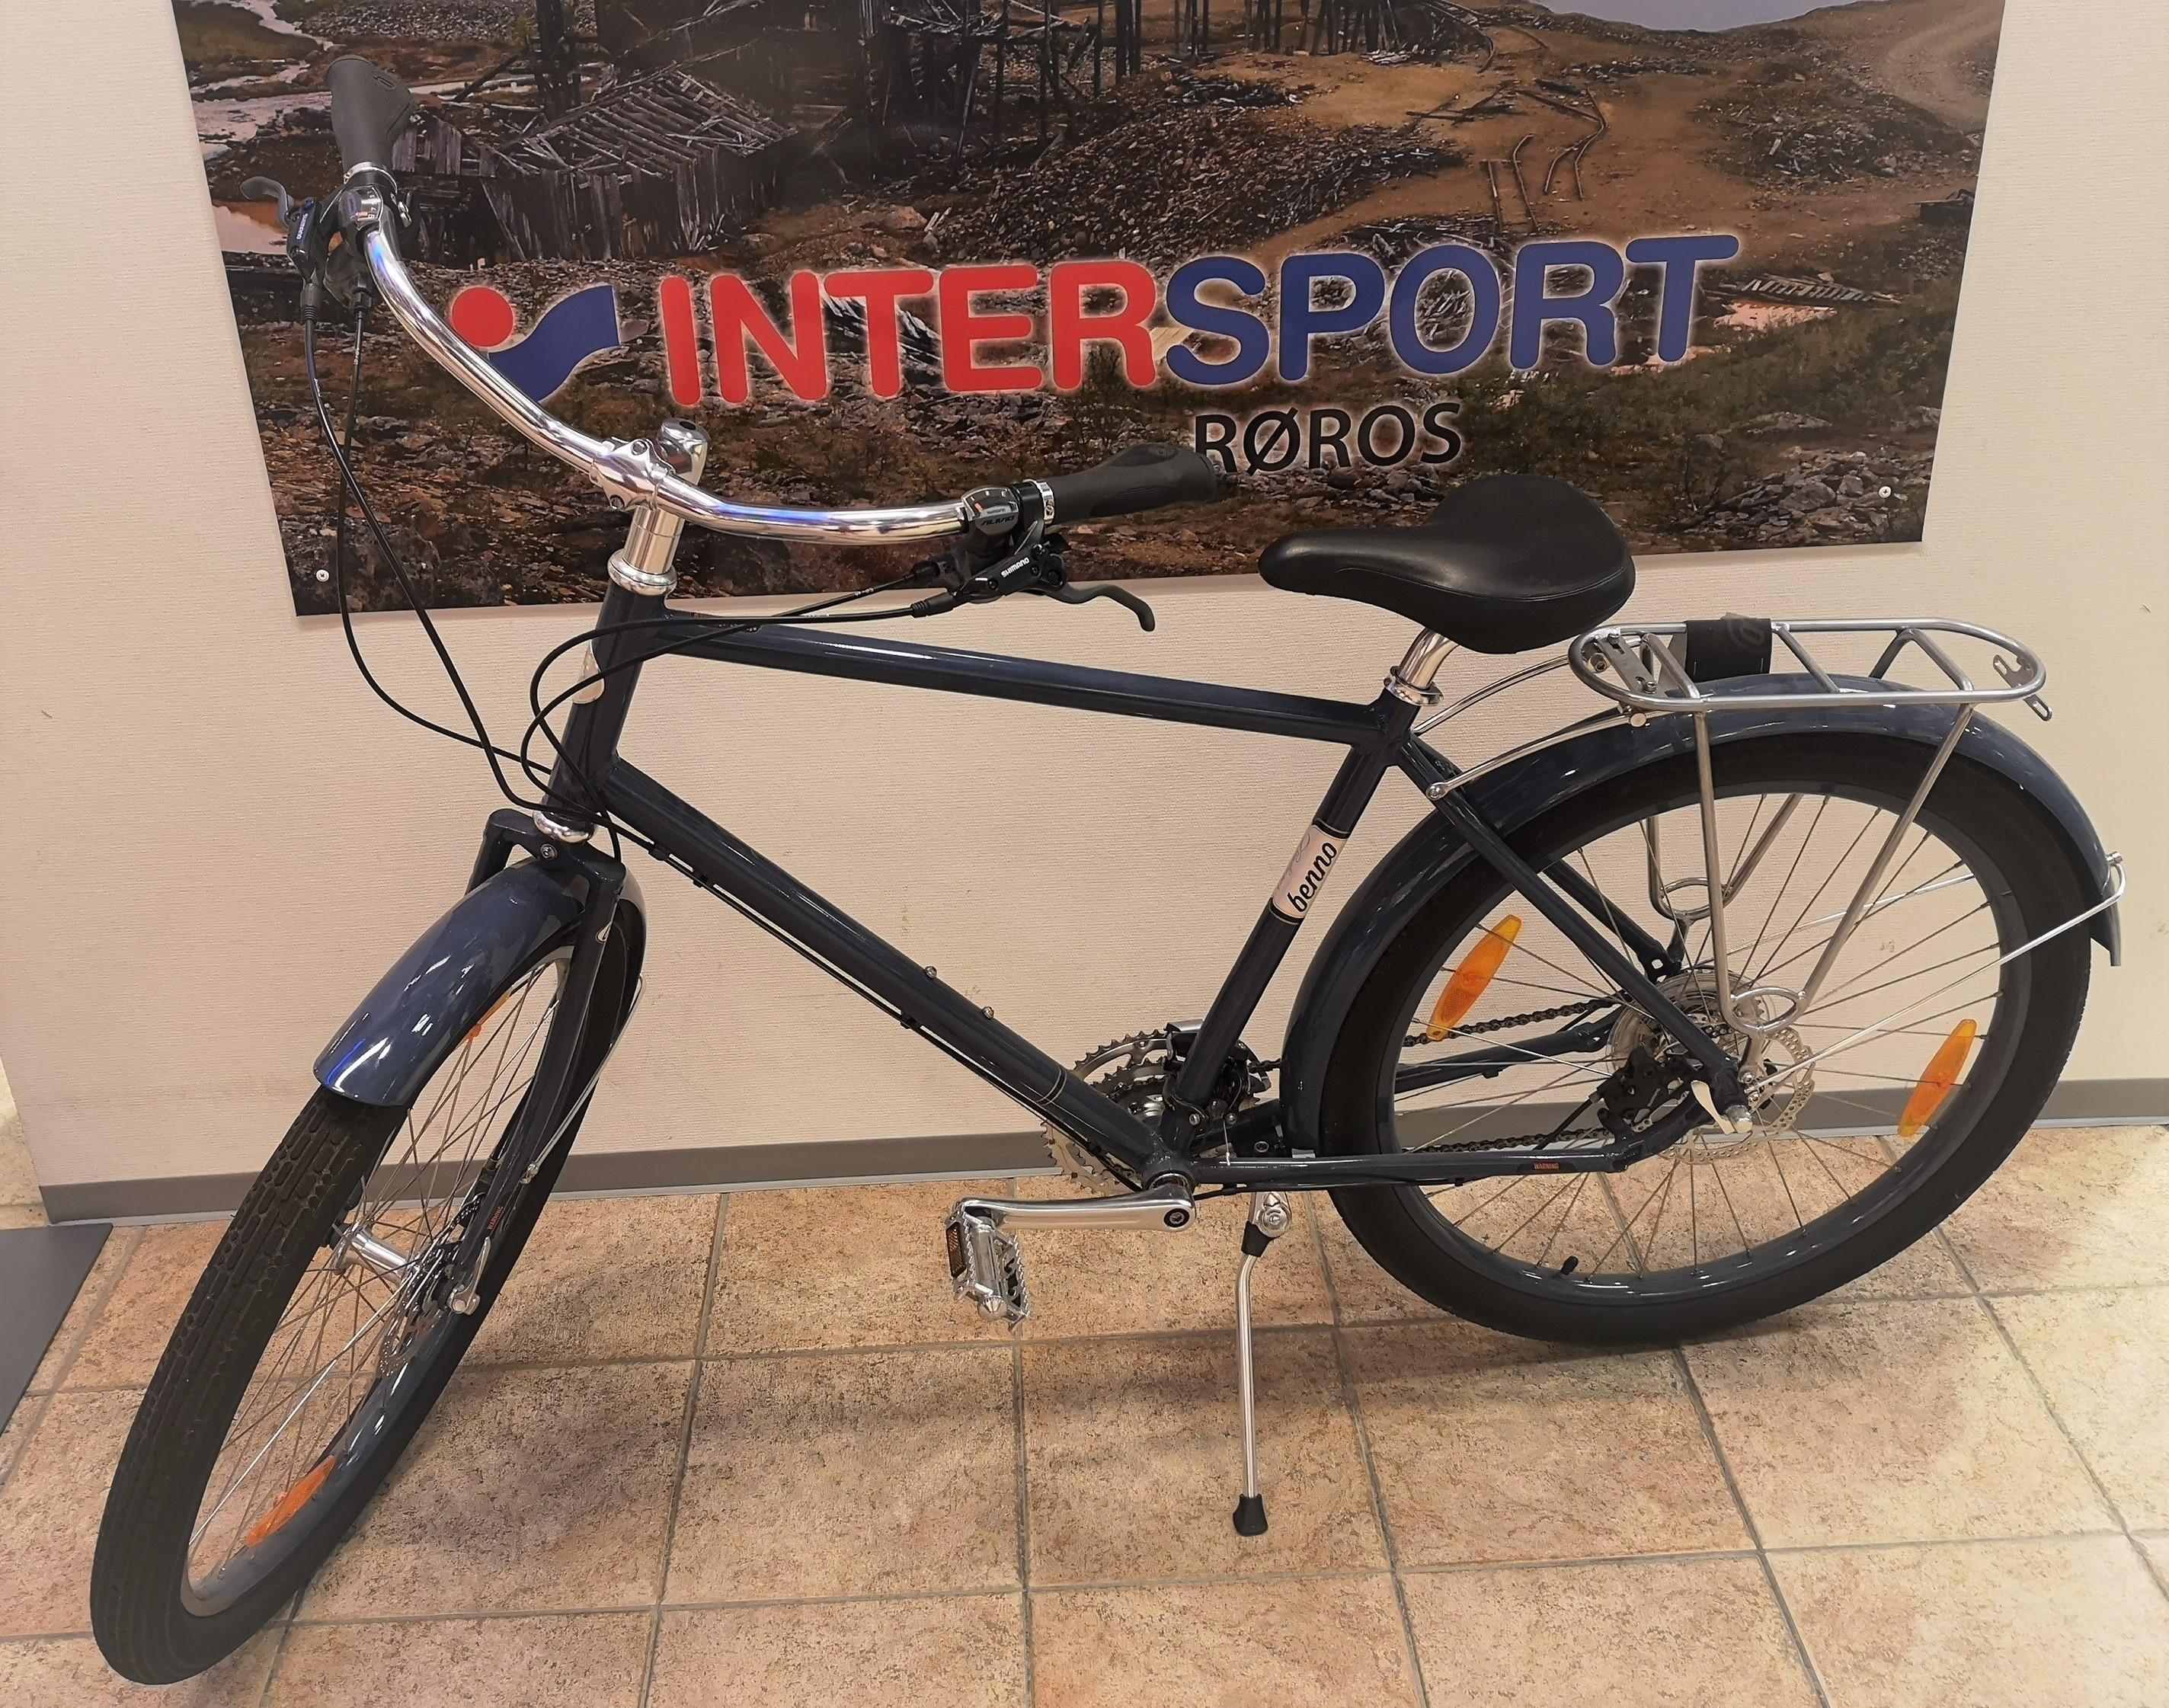 Bilde av en blå sykkel. På veggen bak henger en plakat med logoen til Intersport.